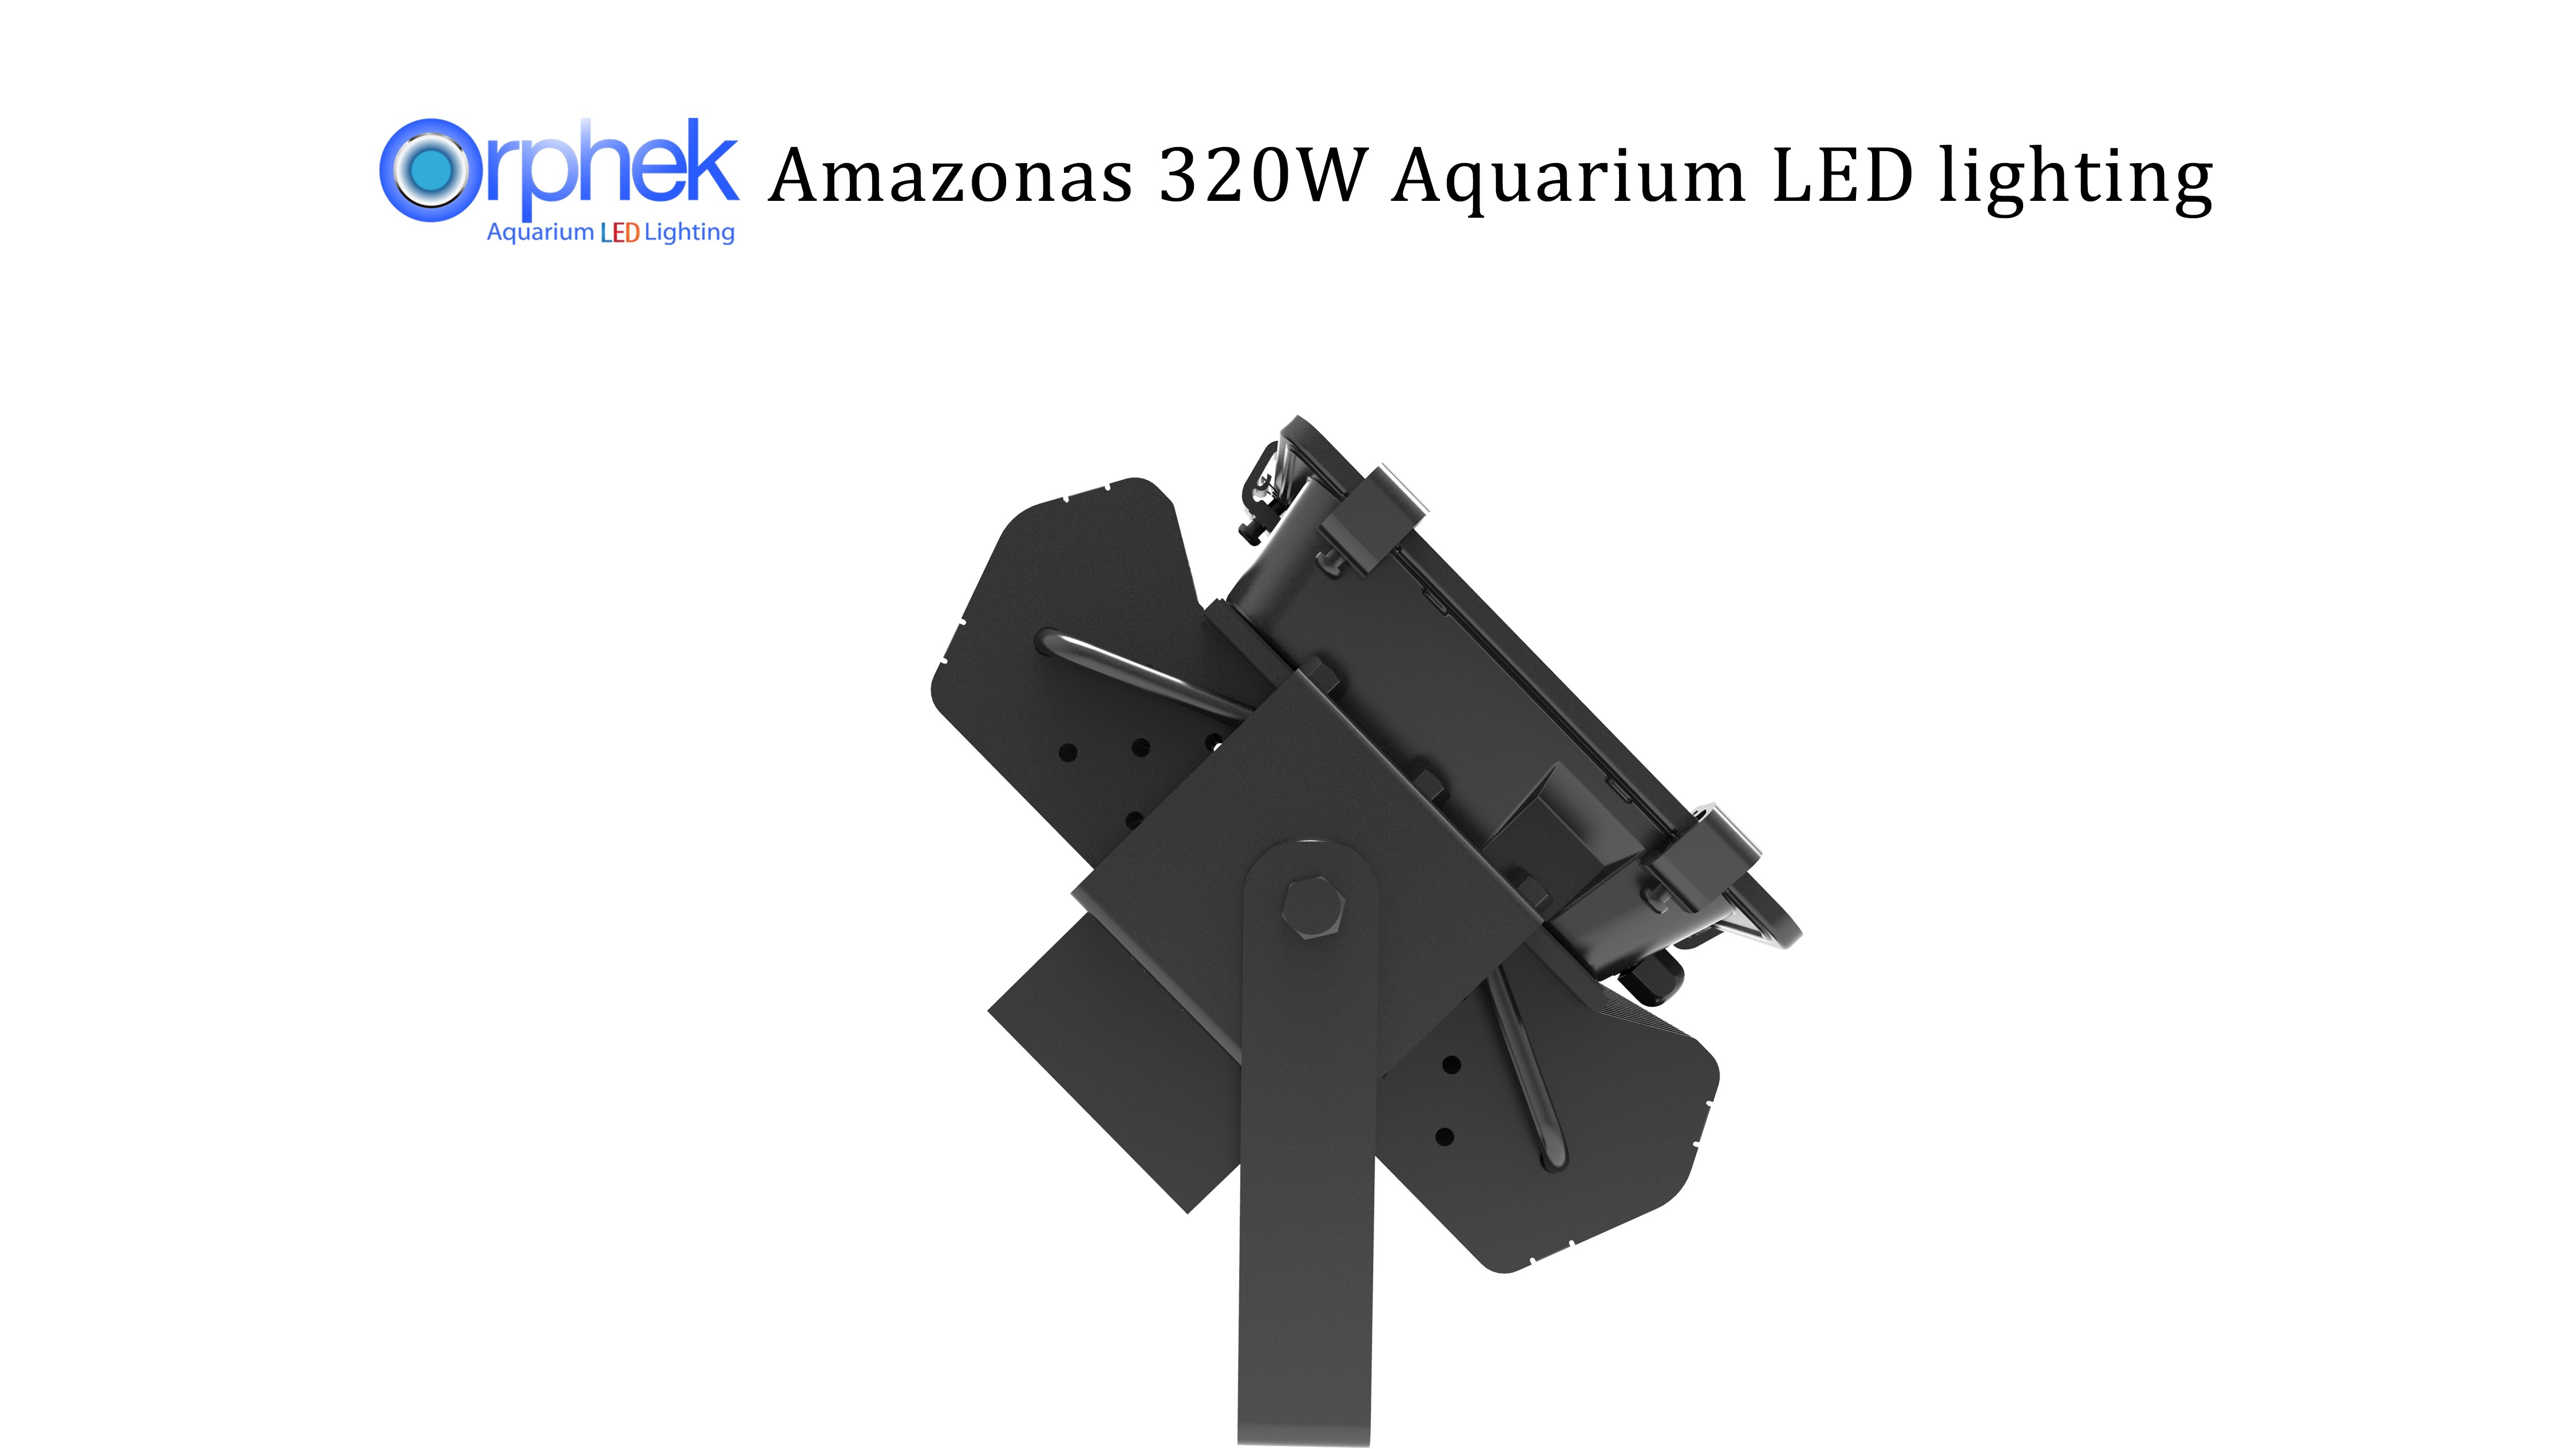 ऑर्पेक-अमेज़ॅनज़ 320w-LED-lightis- मछलीघर